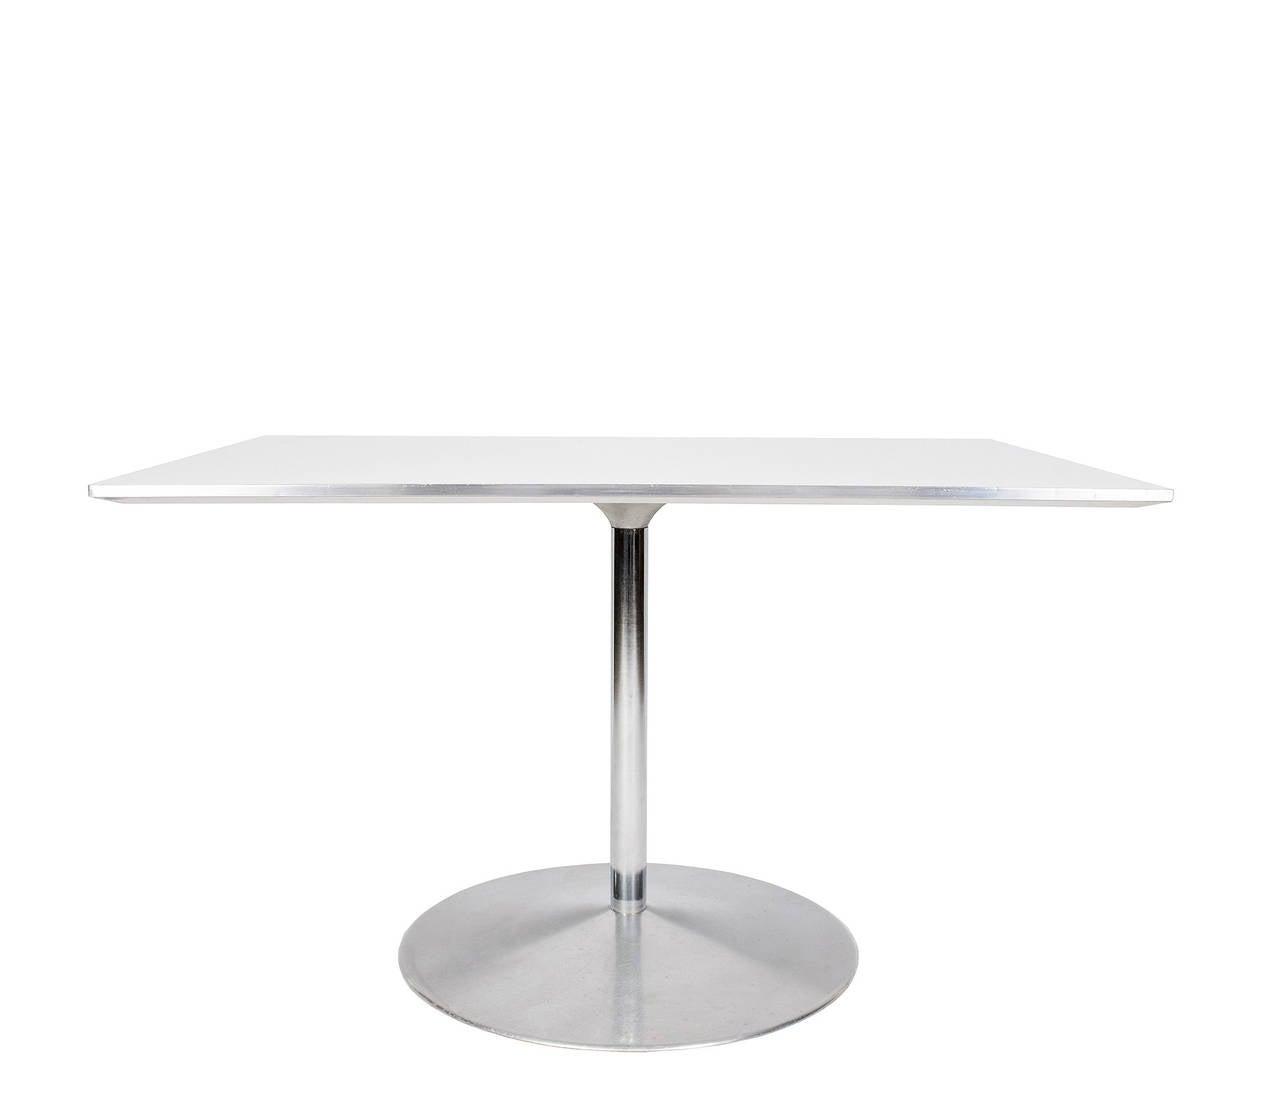 verner panton system 1 2 3 dining table for sale at 1stdibs. Black Bedroom Furniture Sets. Home Design Ideas